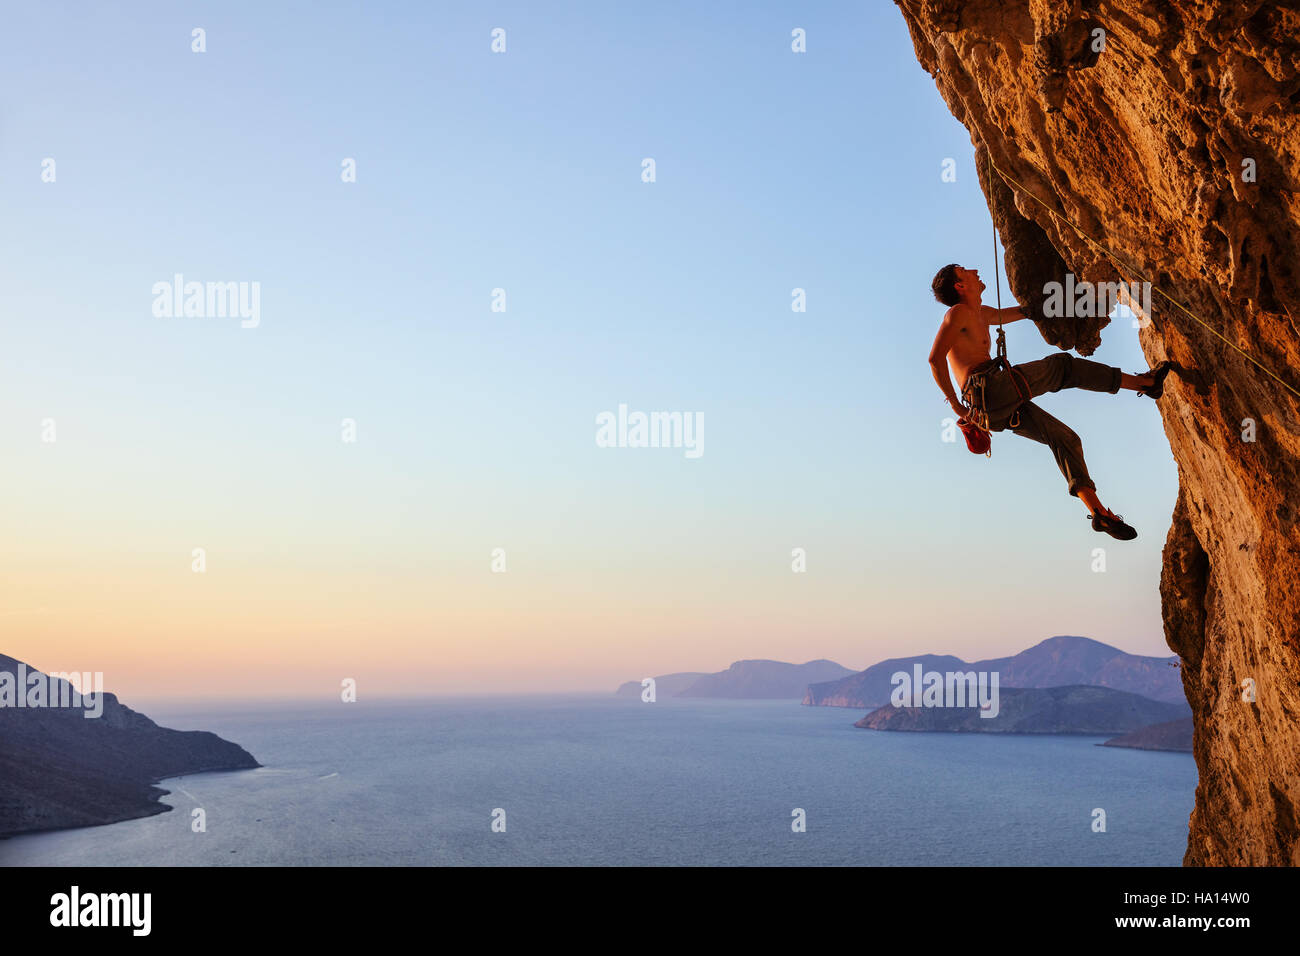 Kletterer ruhen, während die überhängenden Felsen klettern Stockfoto